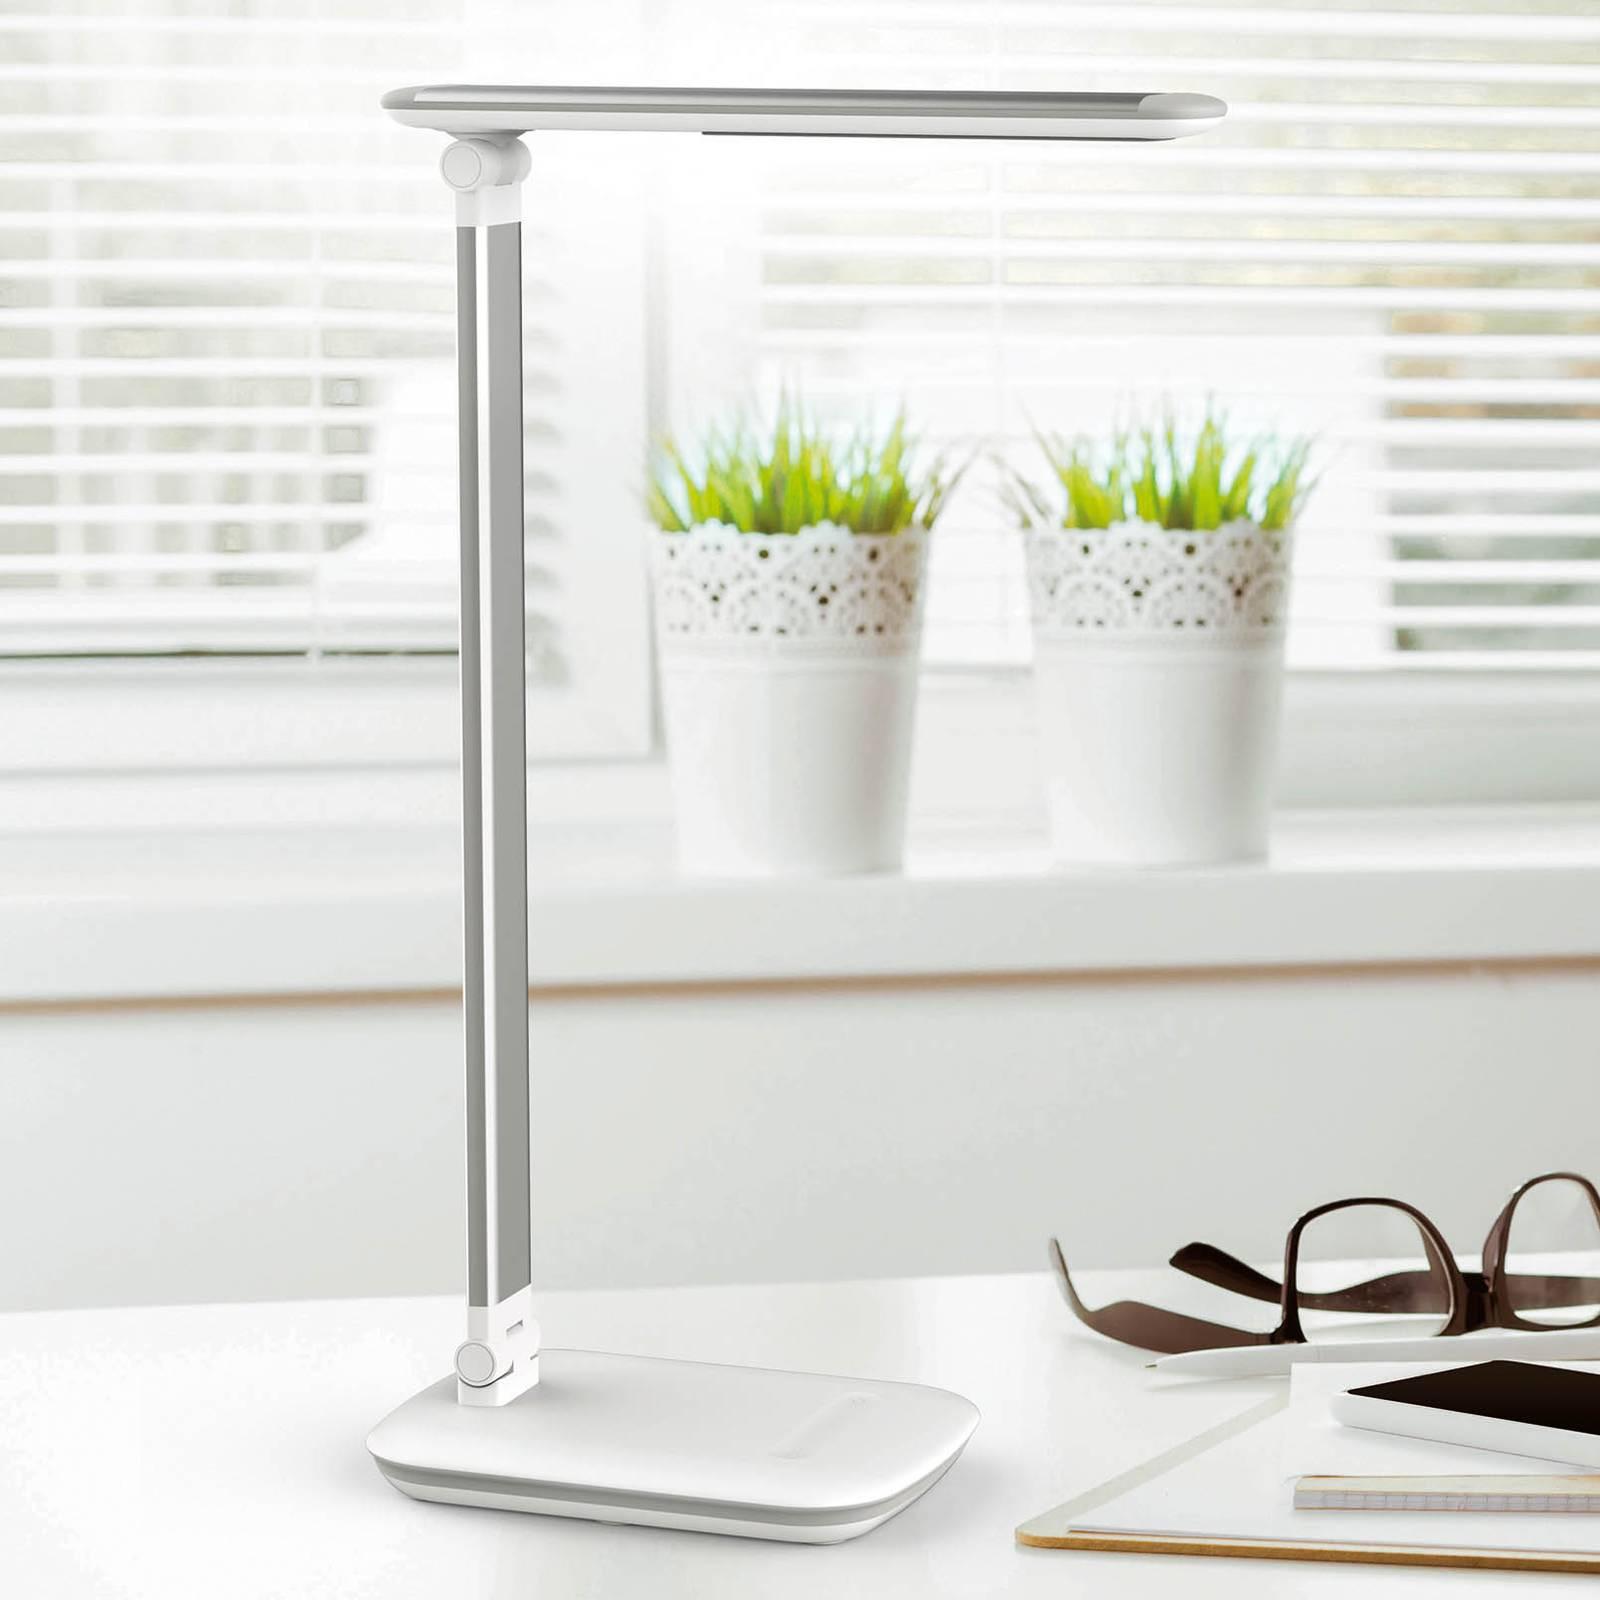 MAULjazzy - himmennettävä LED-työpöytälamppu